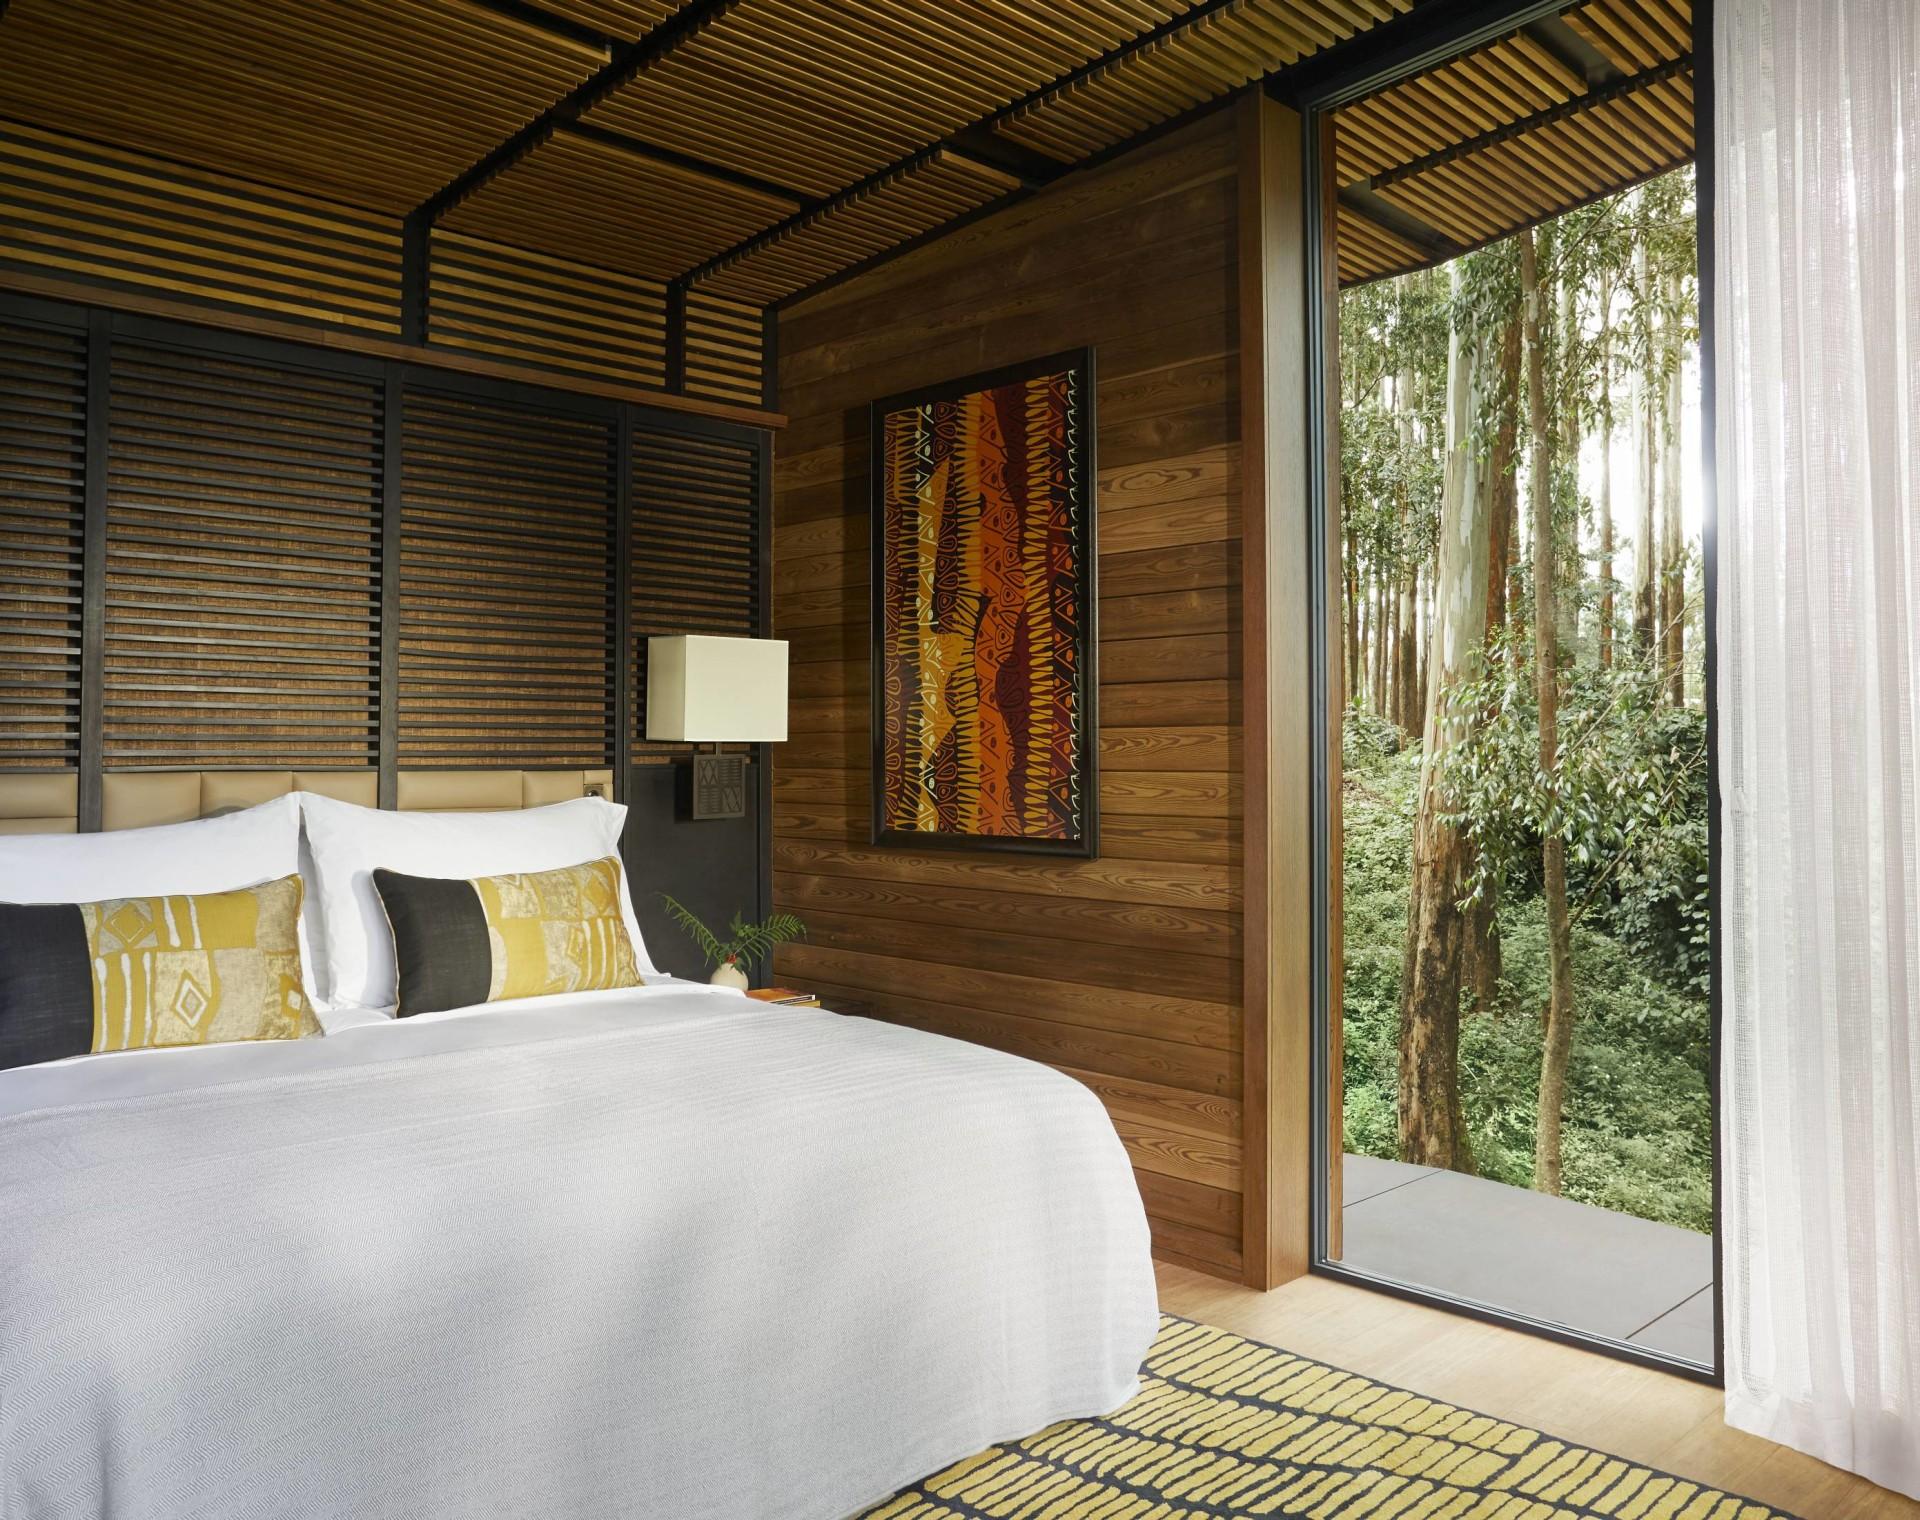 Schlafzimmer einer Suite im One&Only Gorillas Nest